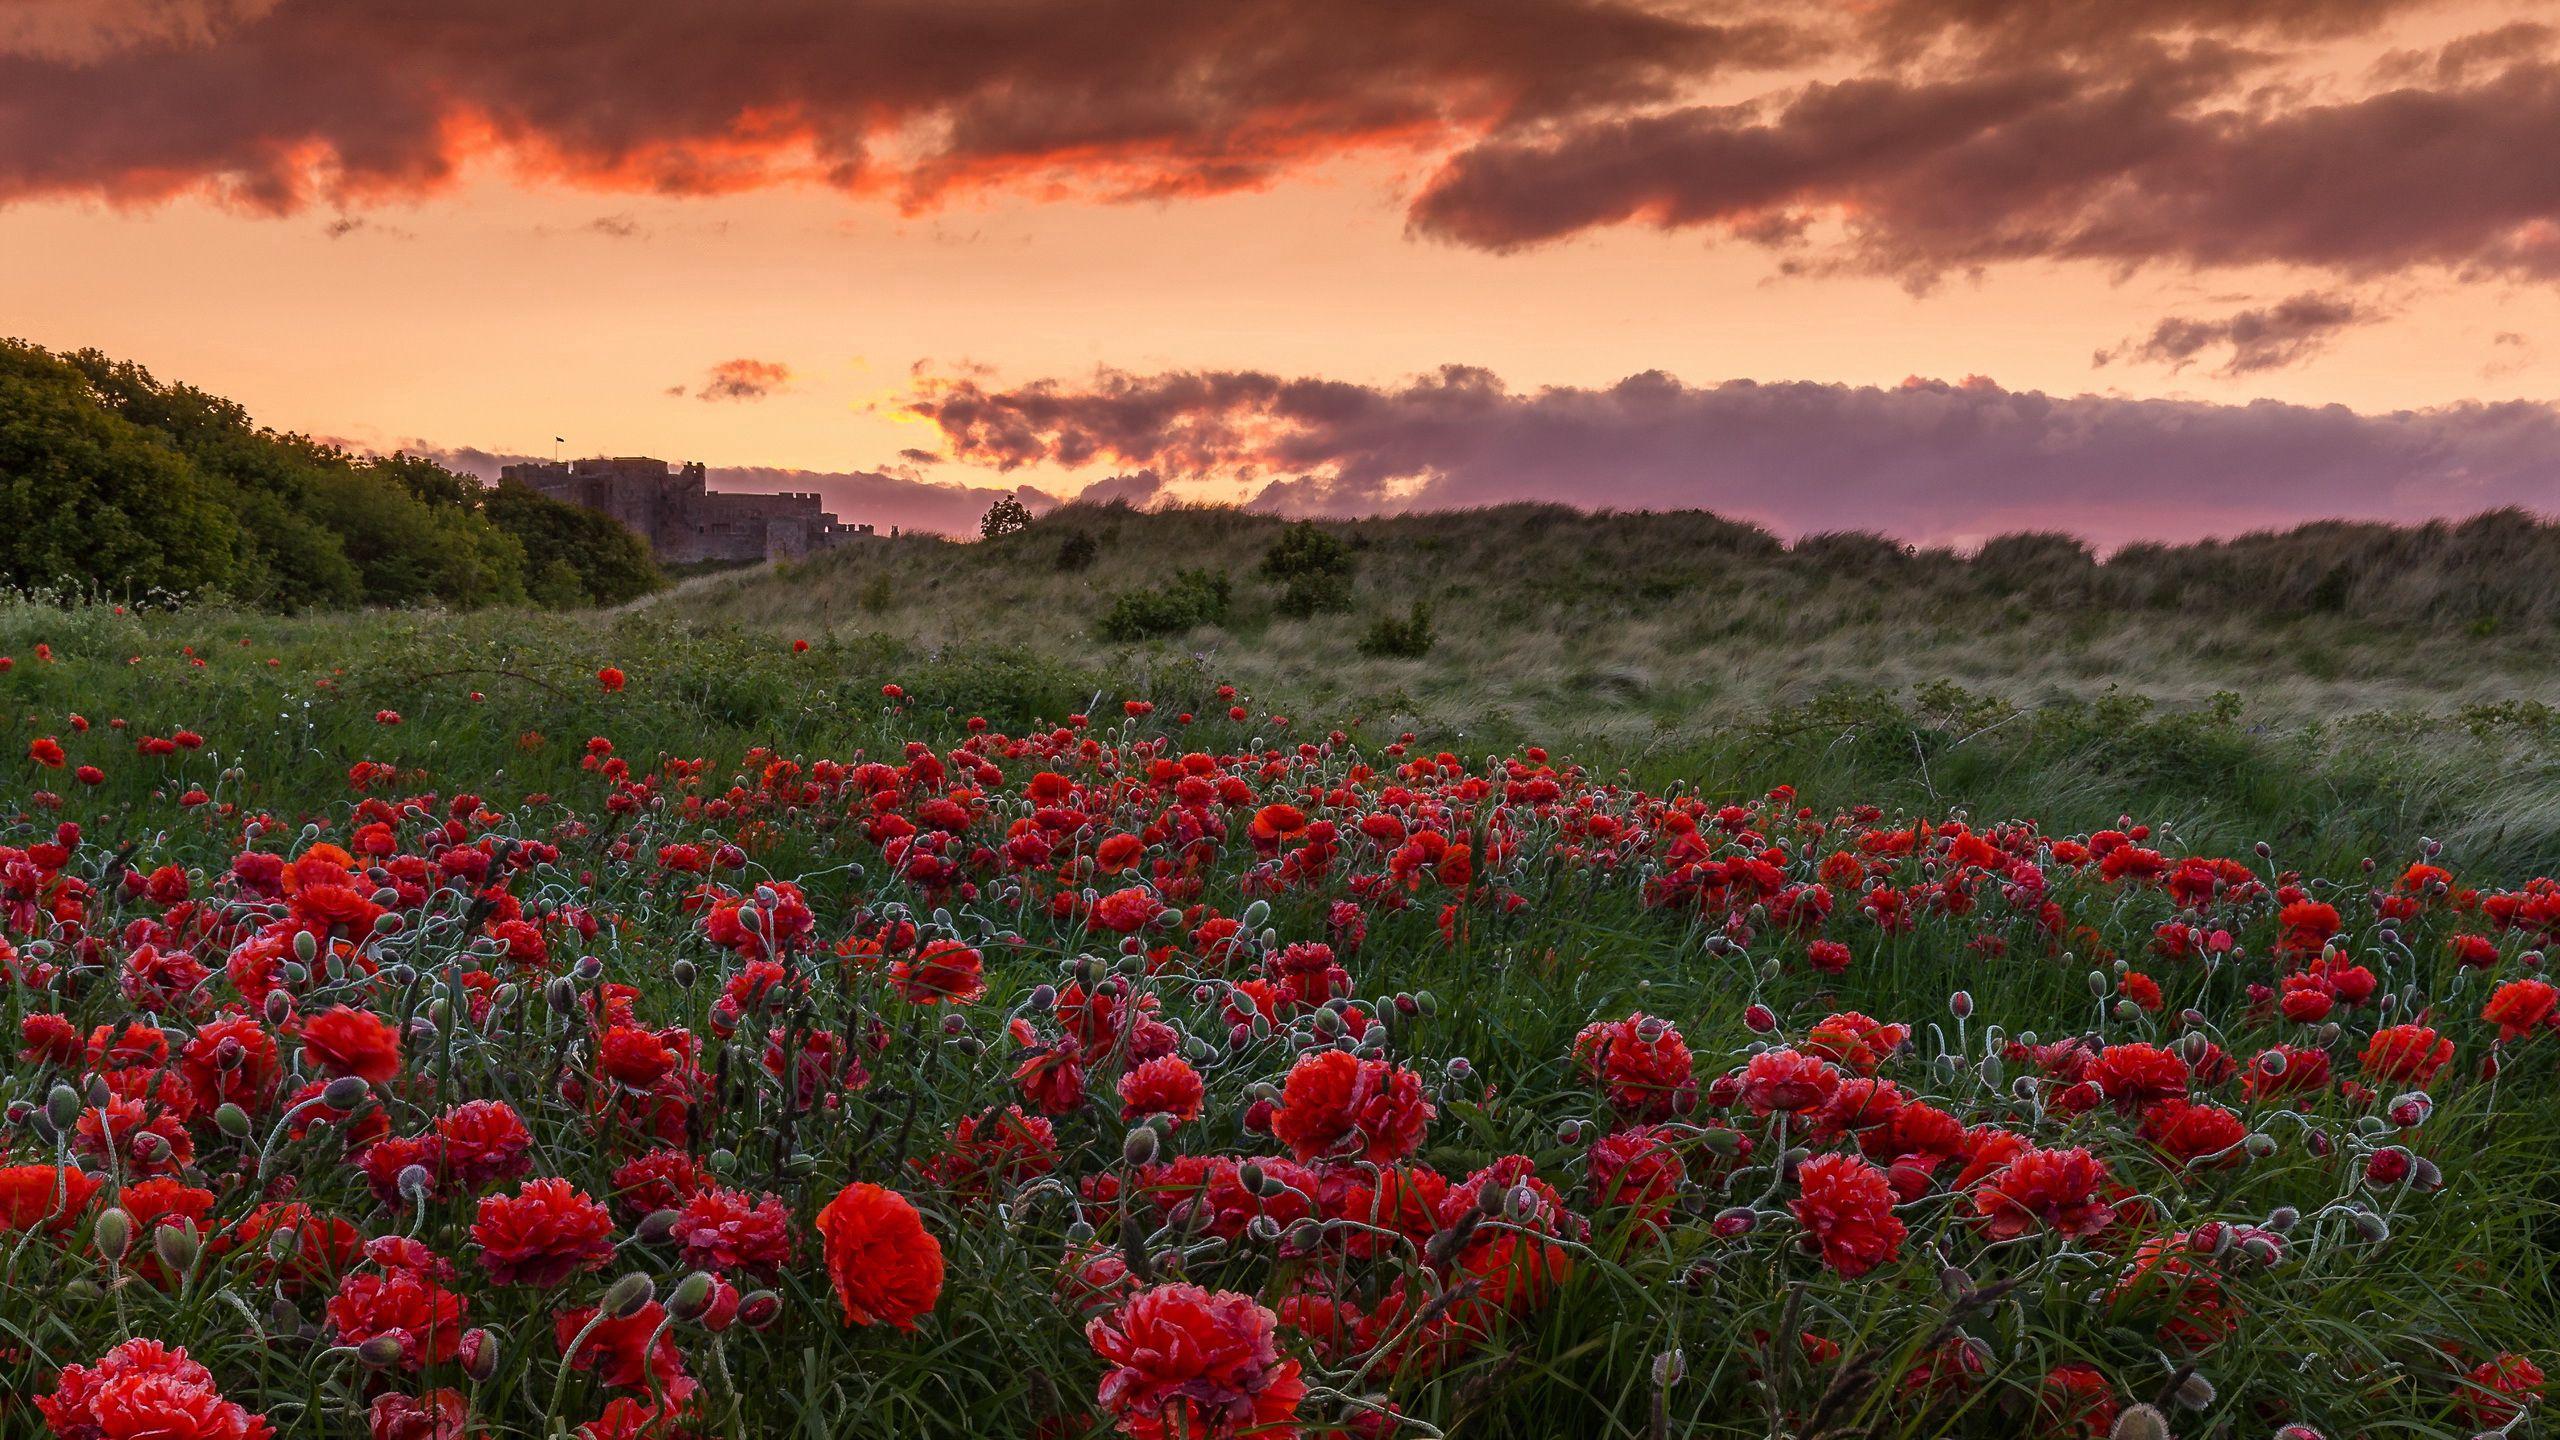 82921 скачать обои Природа, Поле, Маки, Закат, Цветы - заставки и картинки бесплатно